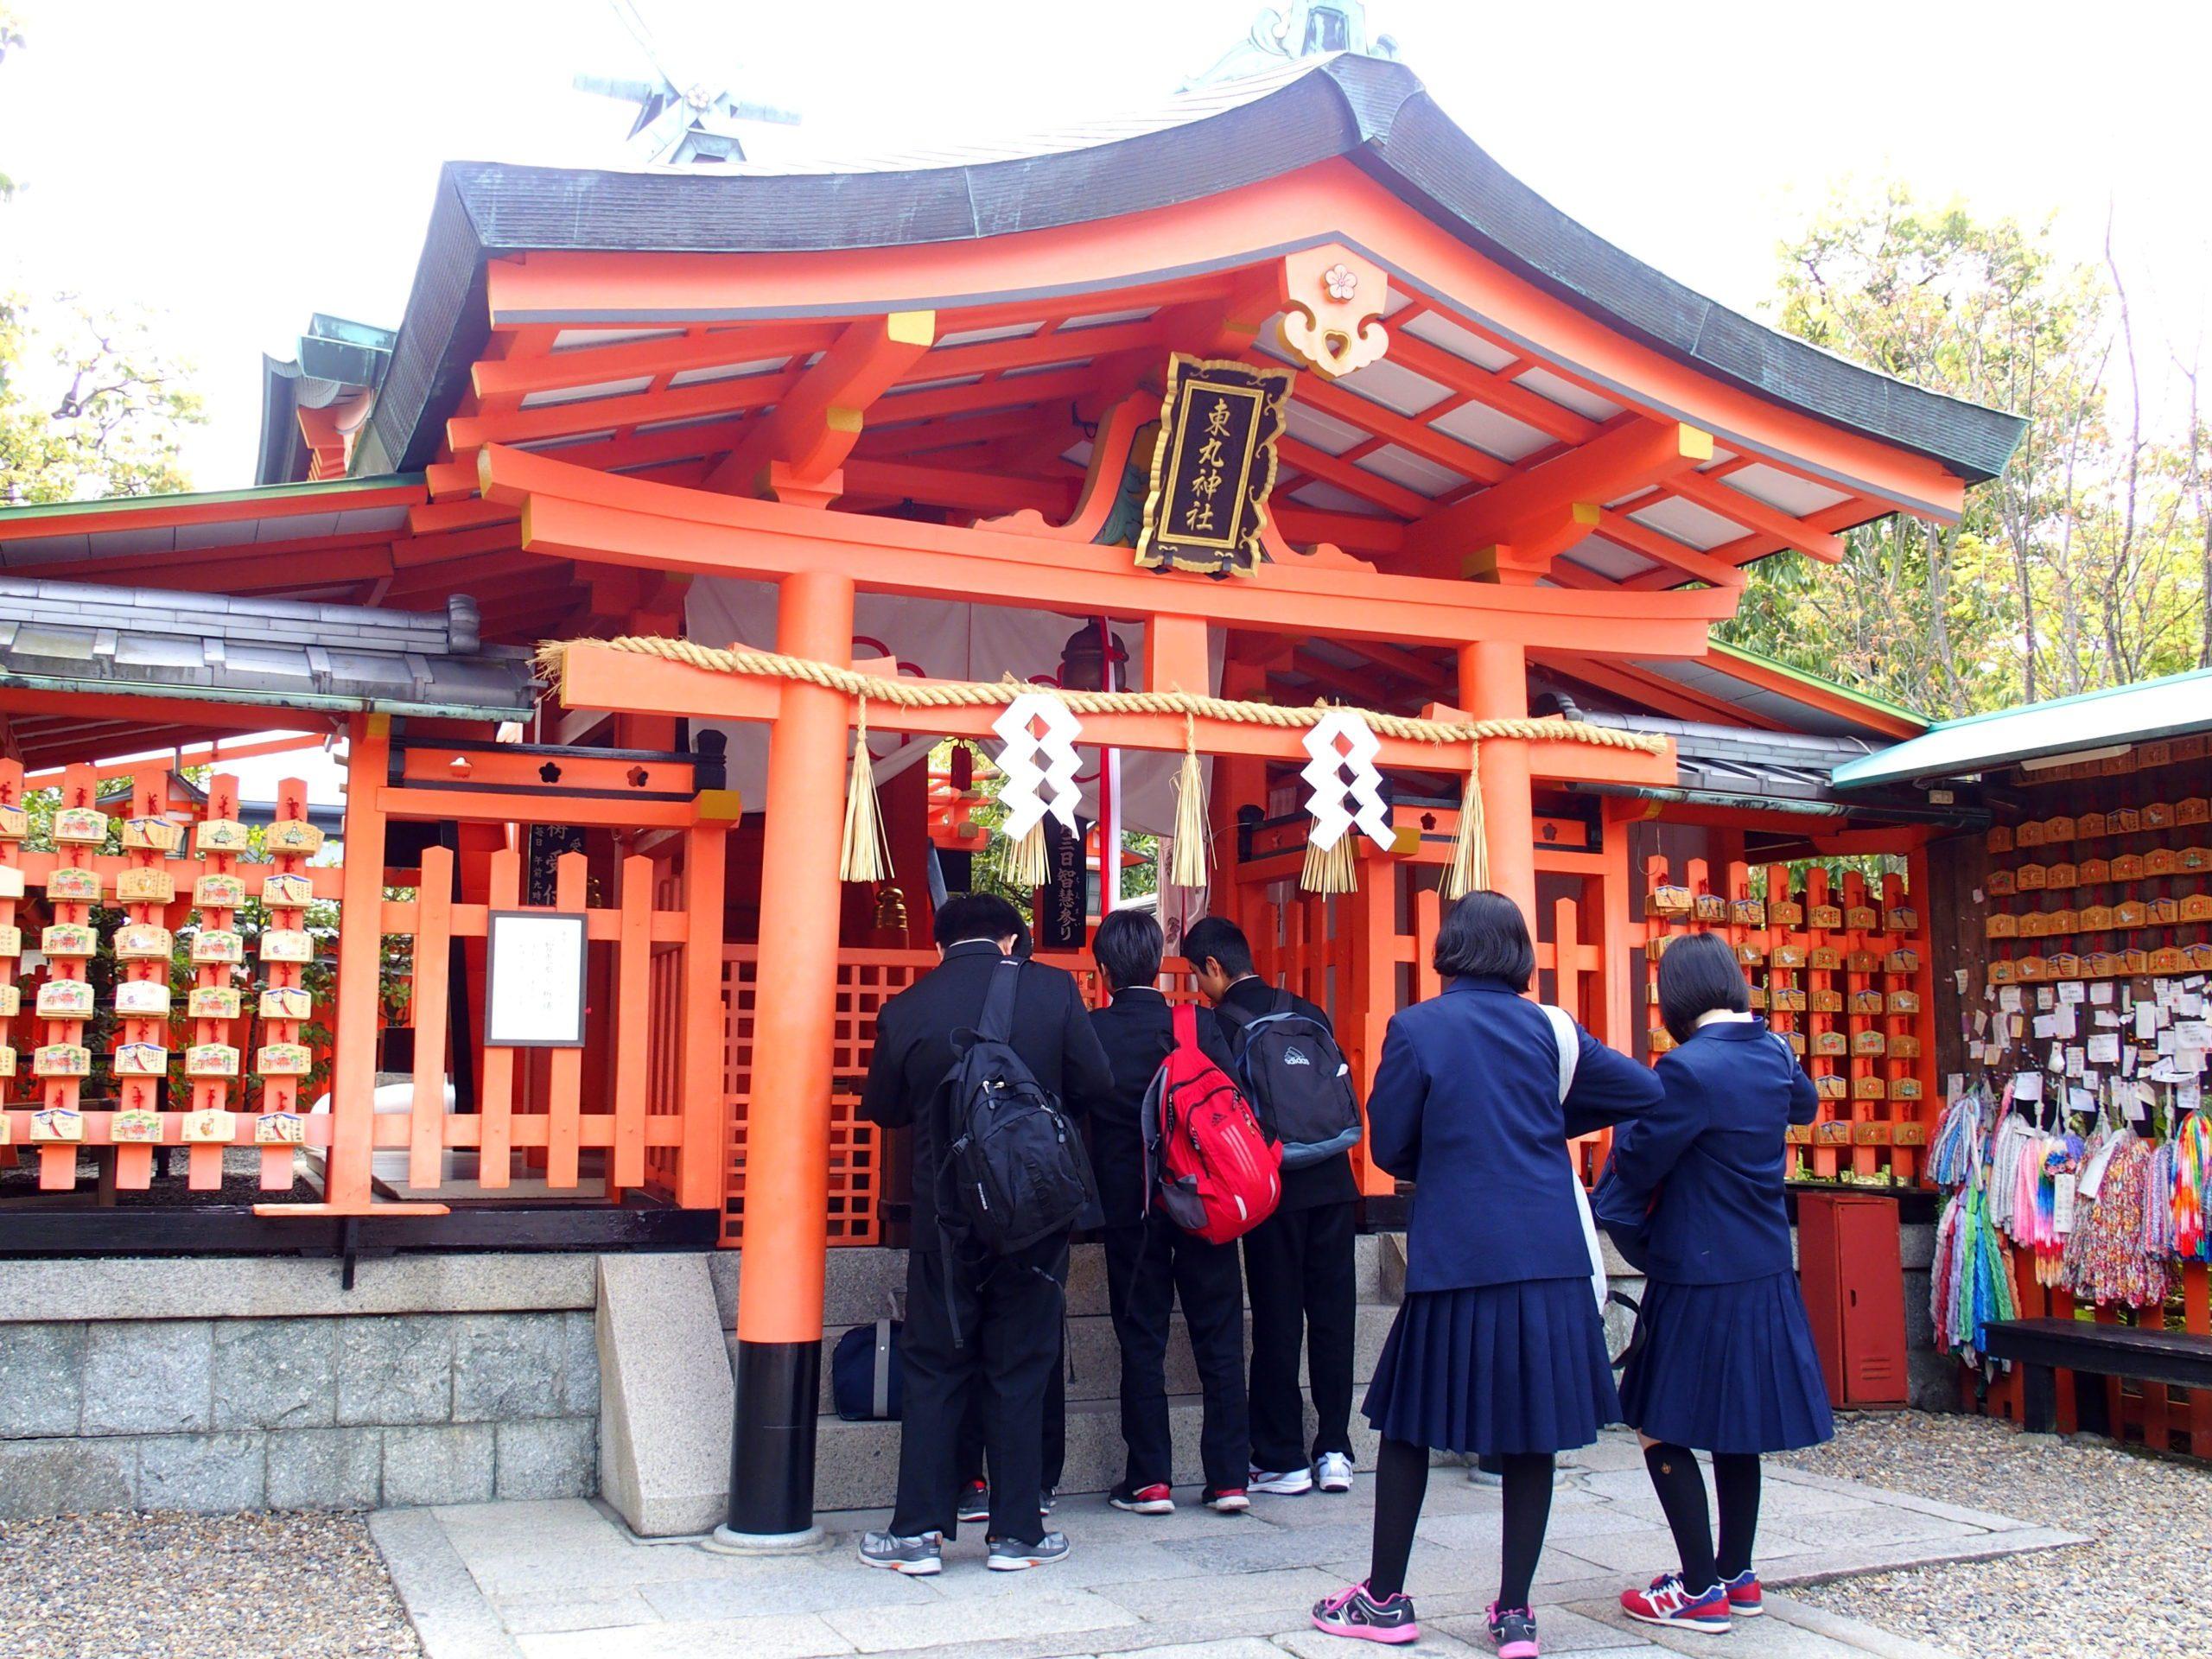 Lycées qui font des voeux de succès temple Kiyomizu-Dera Kyoto